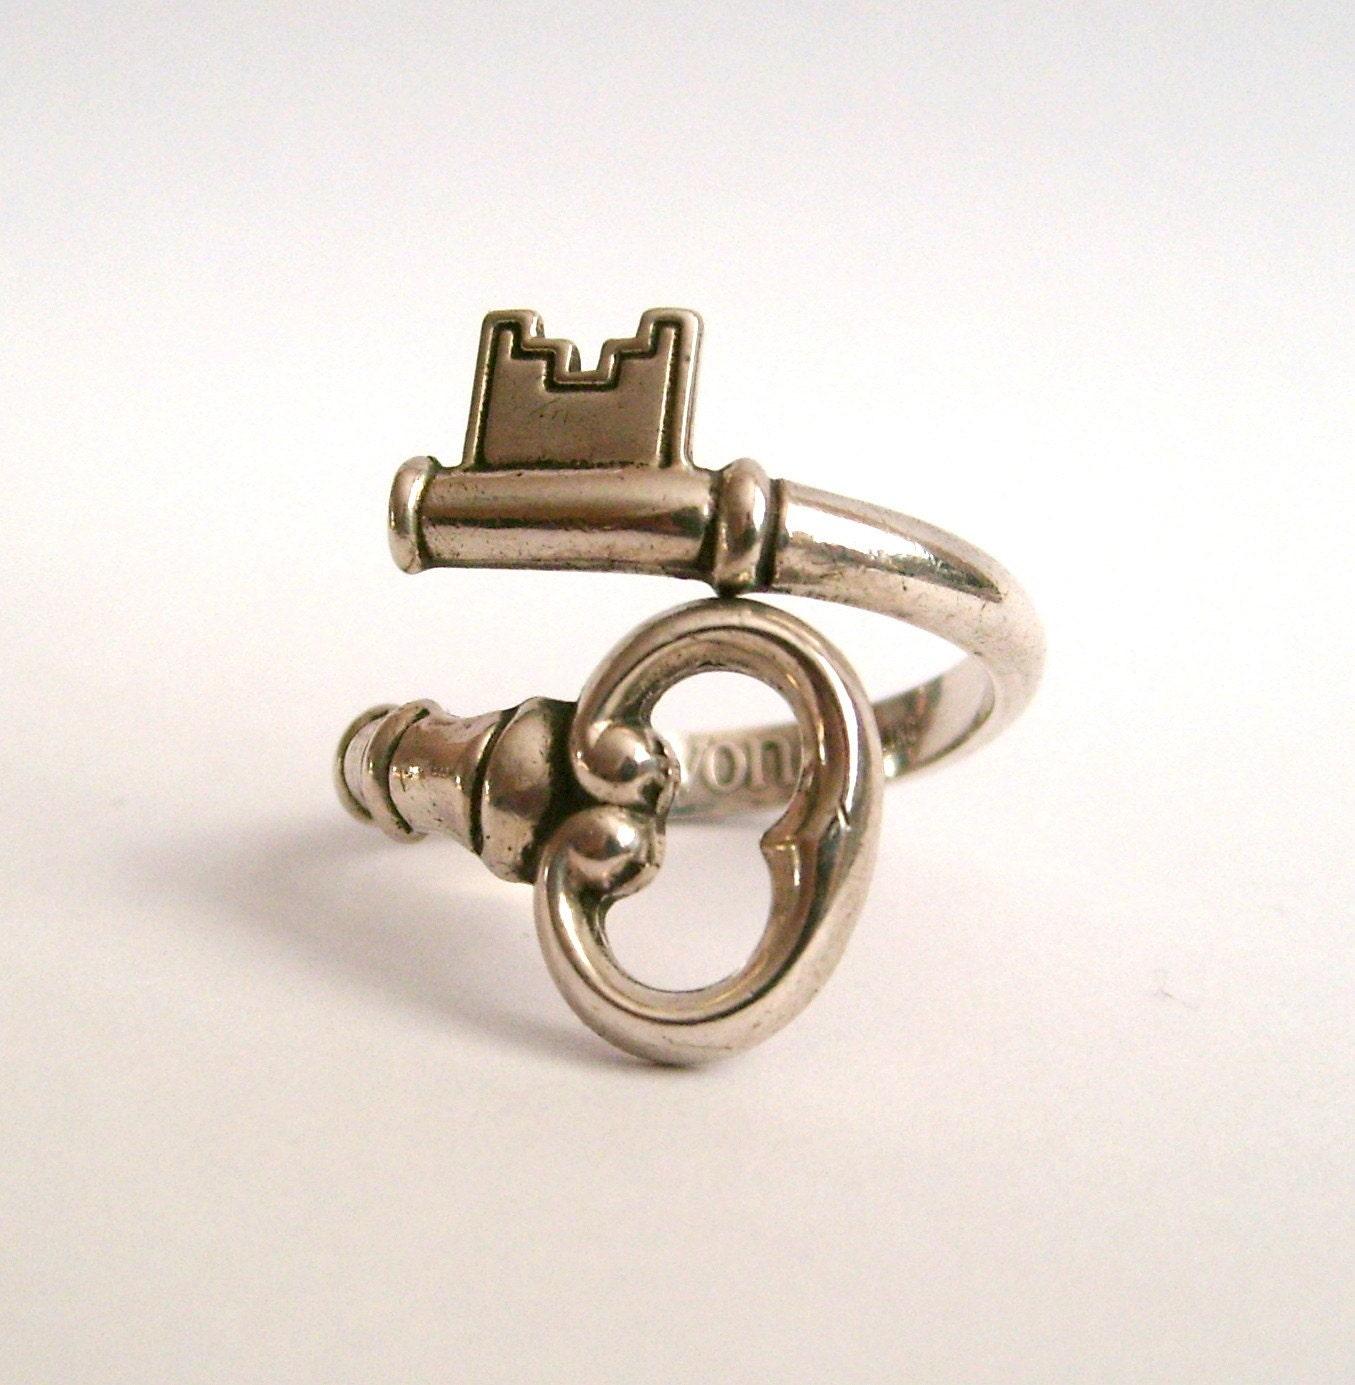 Vintage Sterling Silver Skeleton Key Ring Signed Avon